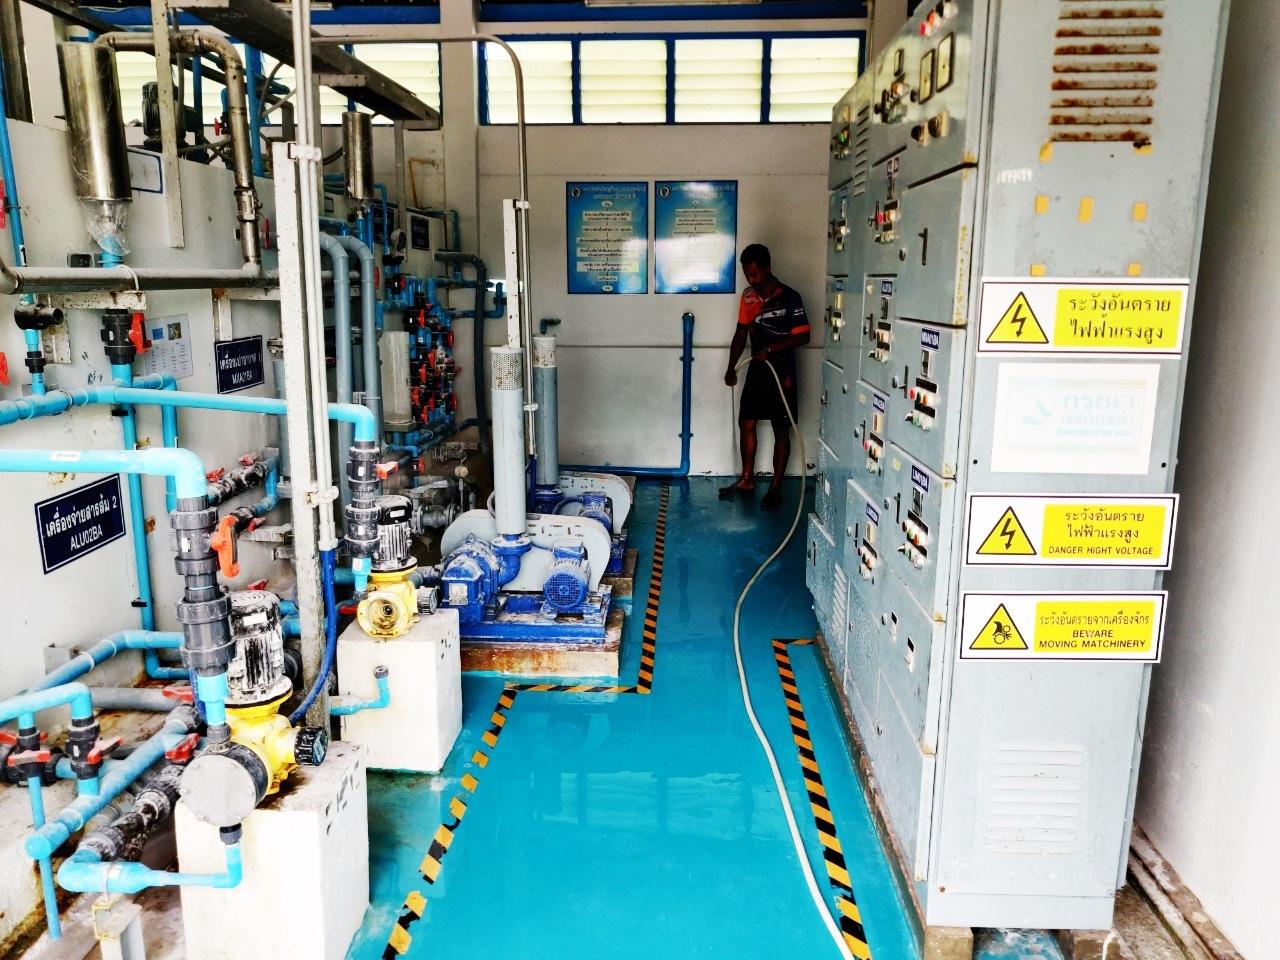 กปภ.สาขาคลองใหญ่ จัดกิจกรรม Big Clearning Day ณ สถานีผลิตน้ำบางอิน อ.คลองใหญ่ จ.ตราด